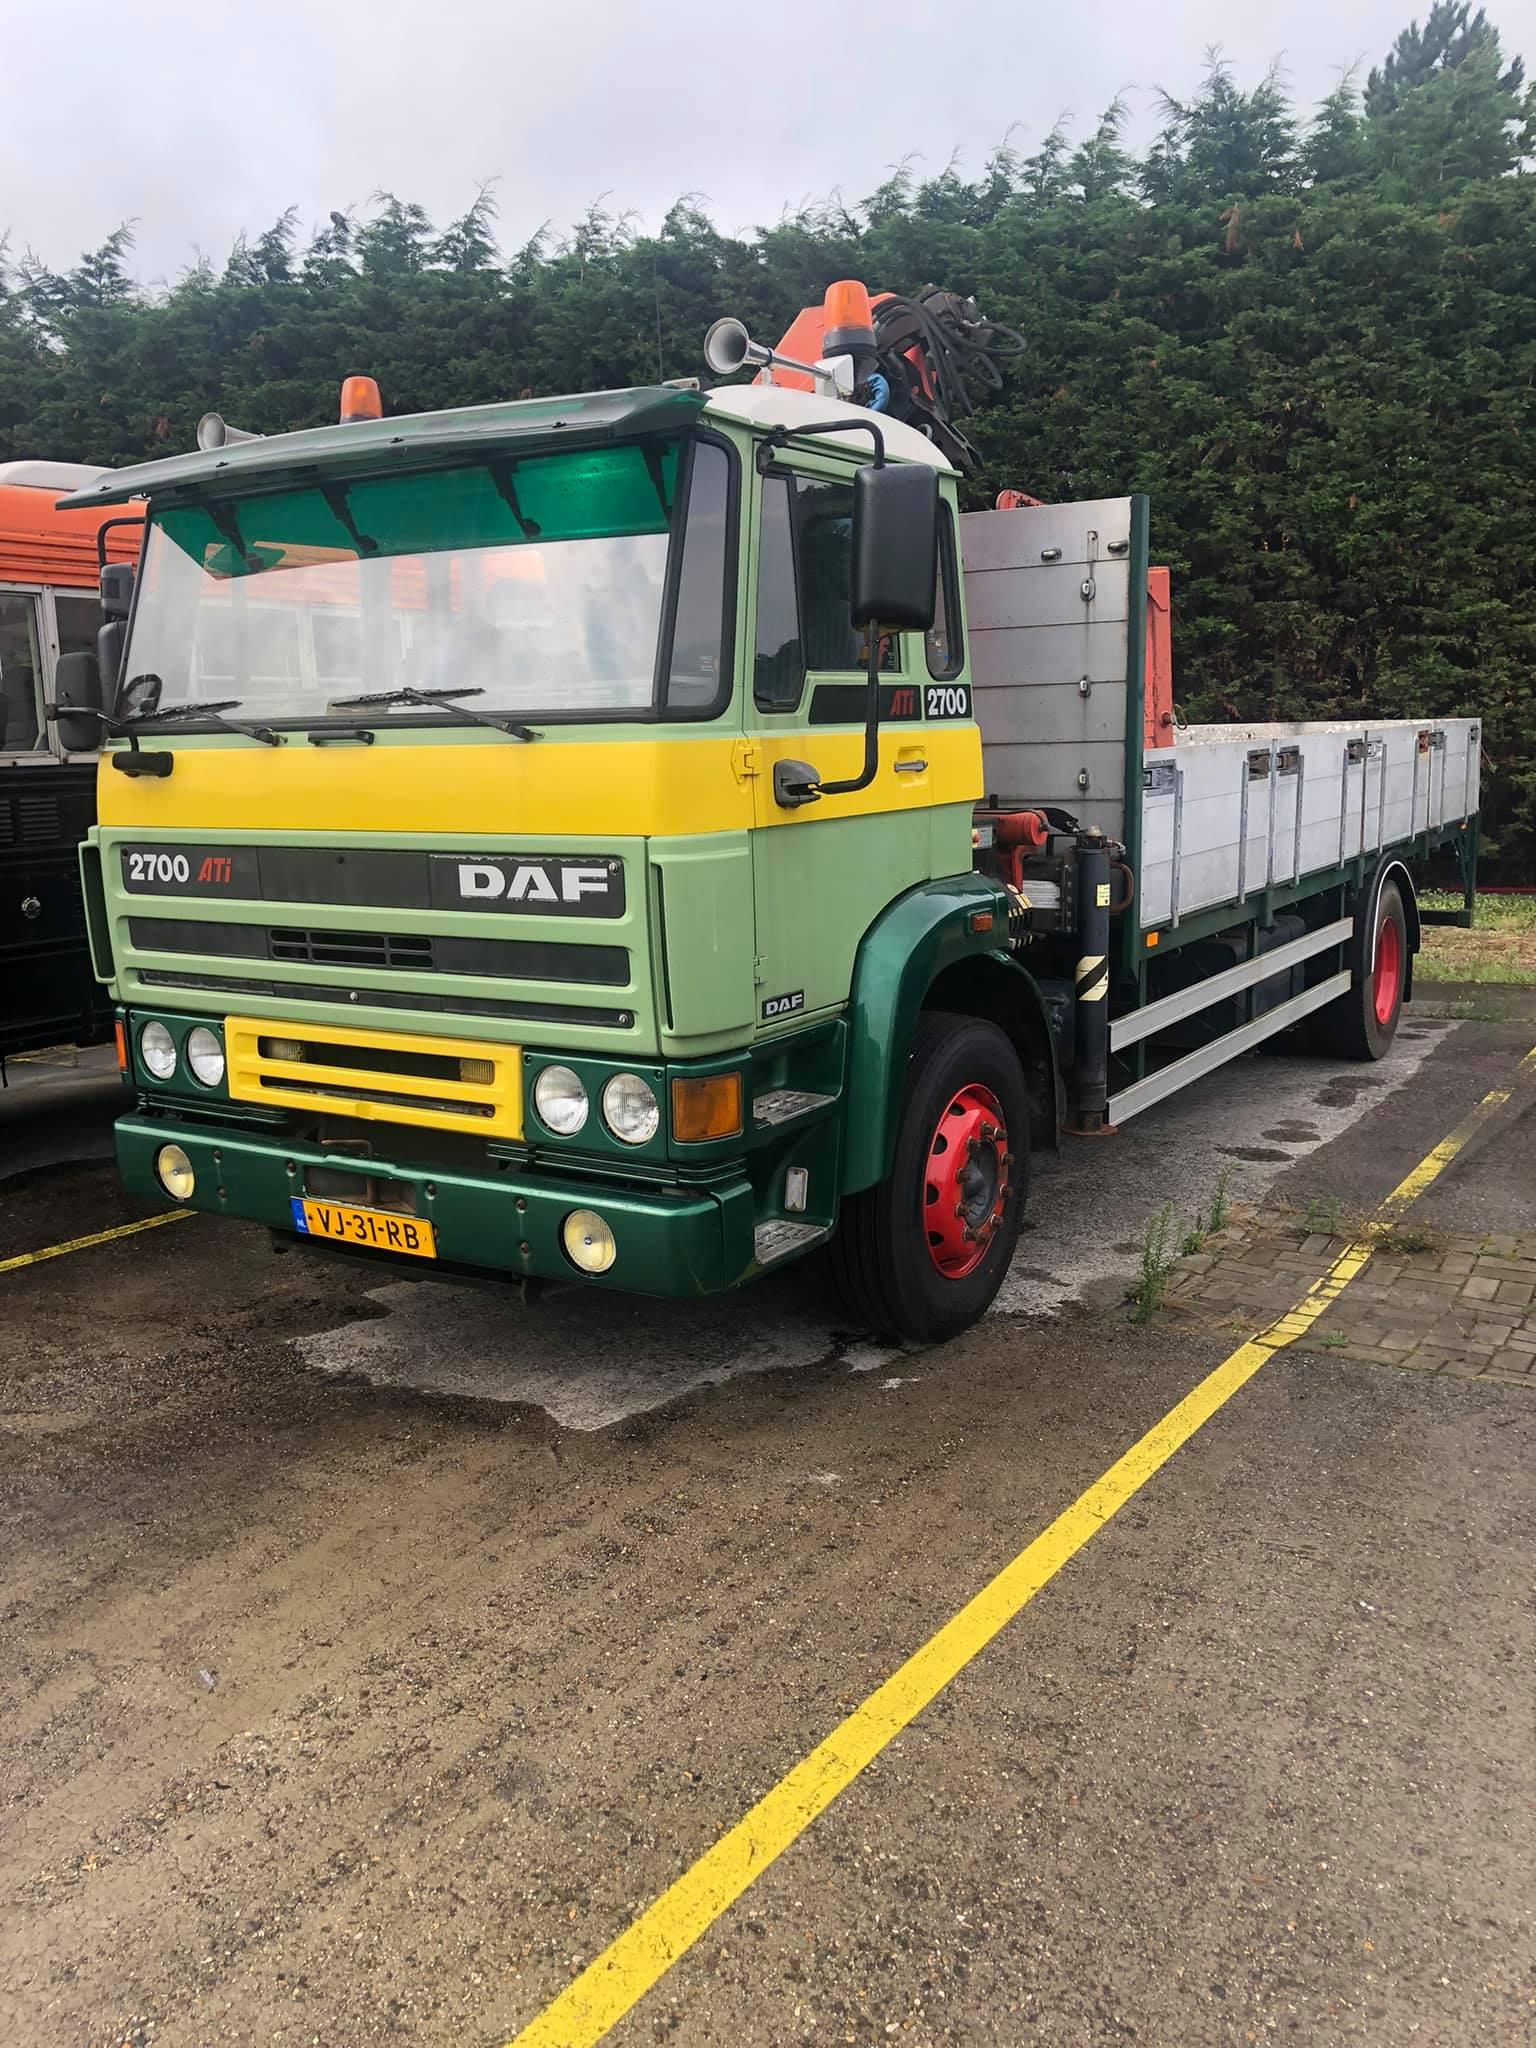 DAF-2700-Henk-van-Steijn-foto